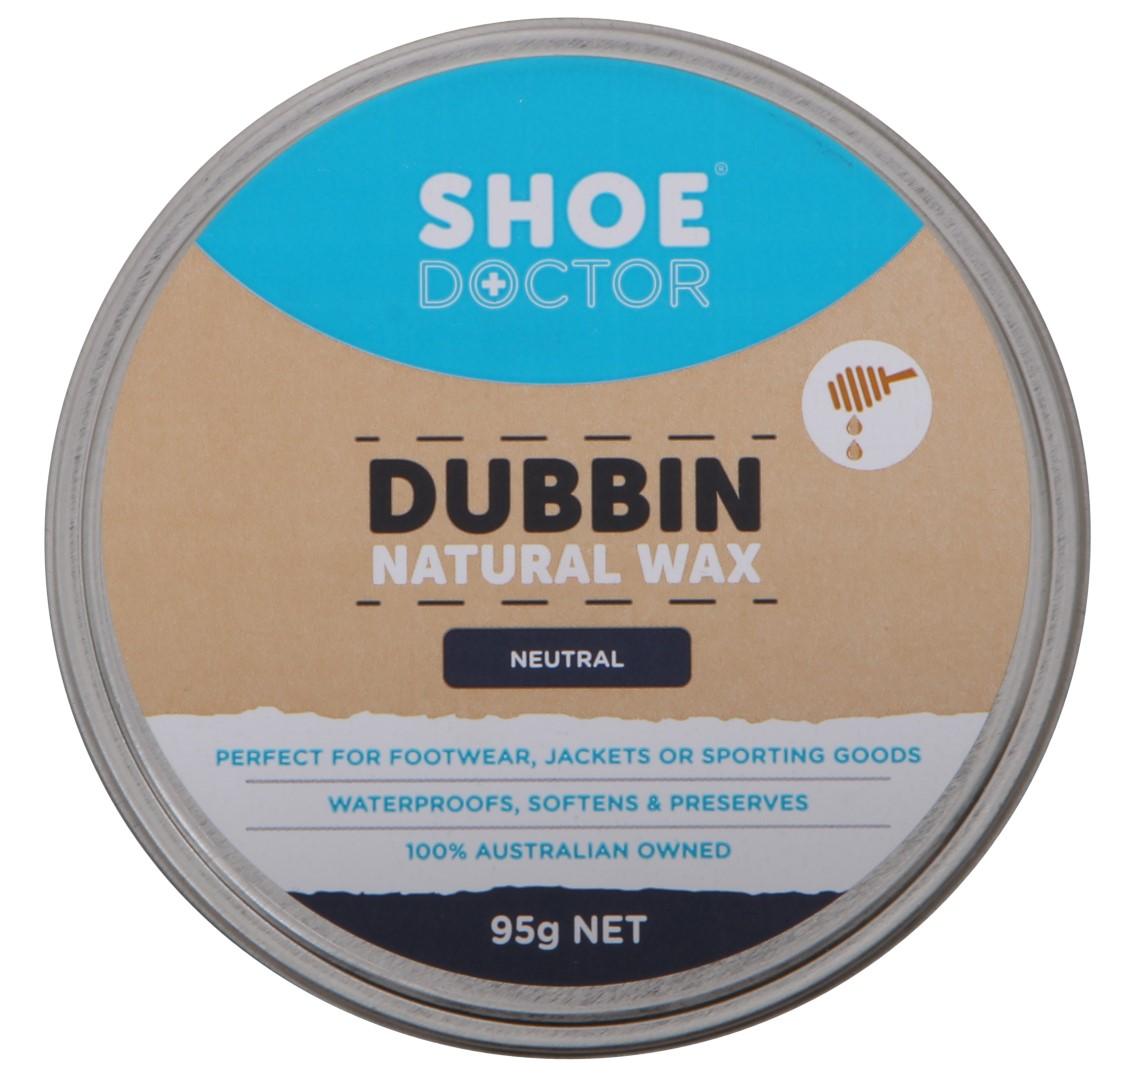 Shoe Doctor dubbin